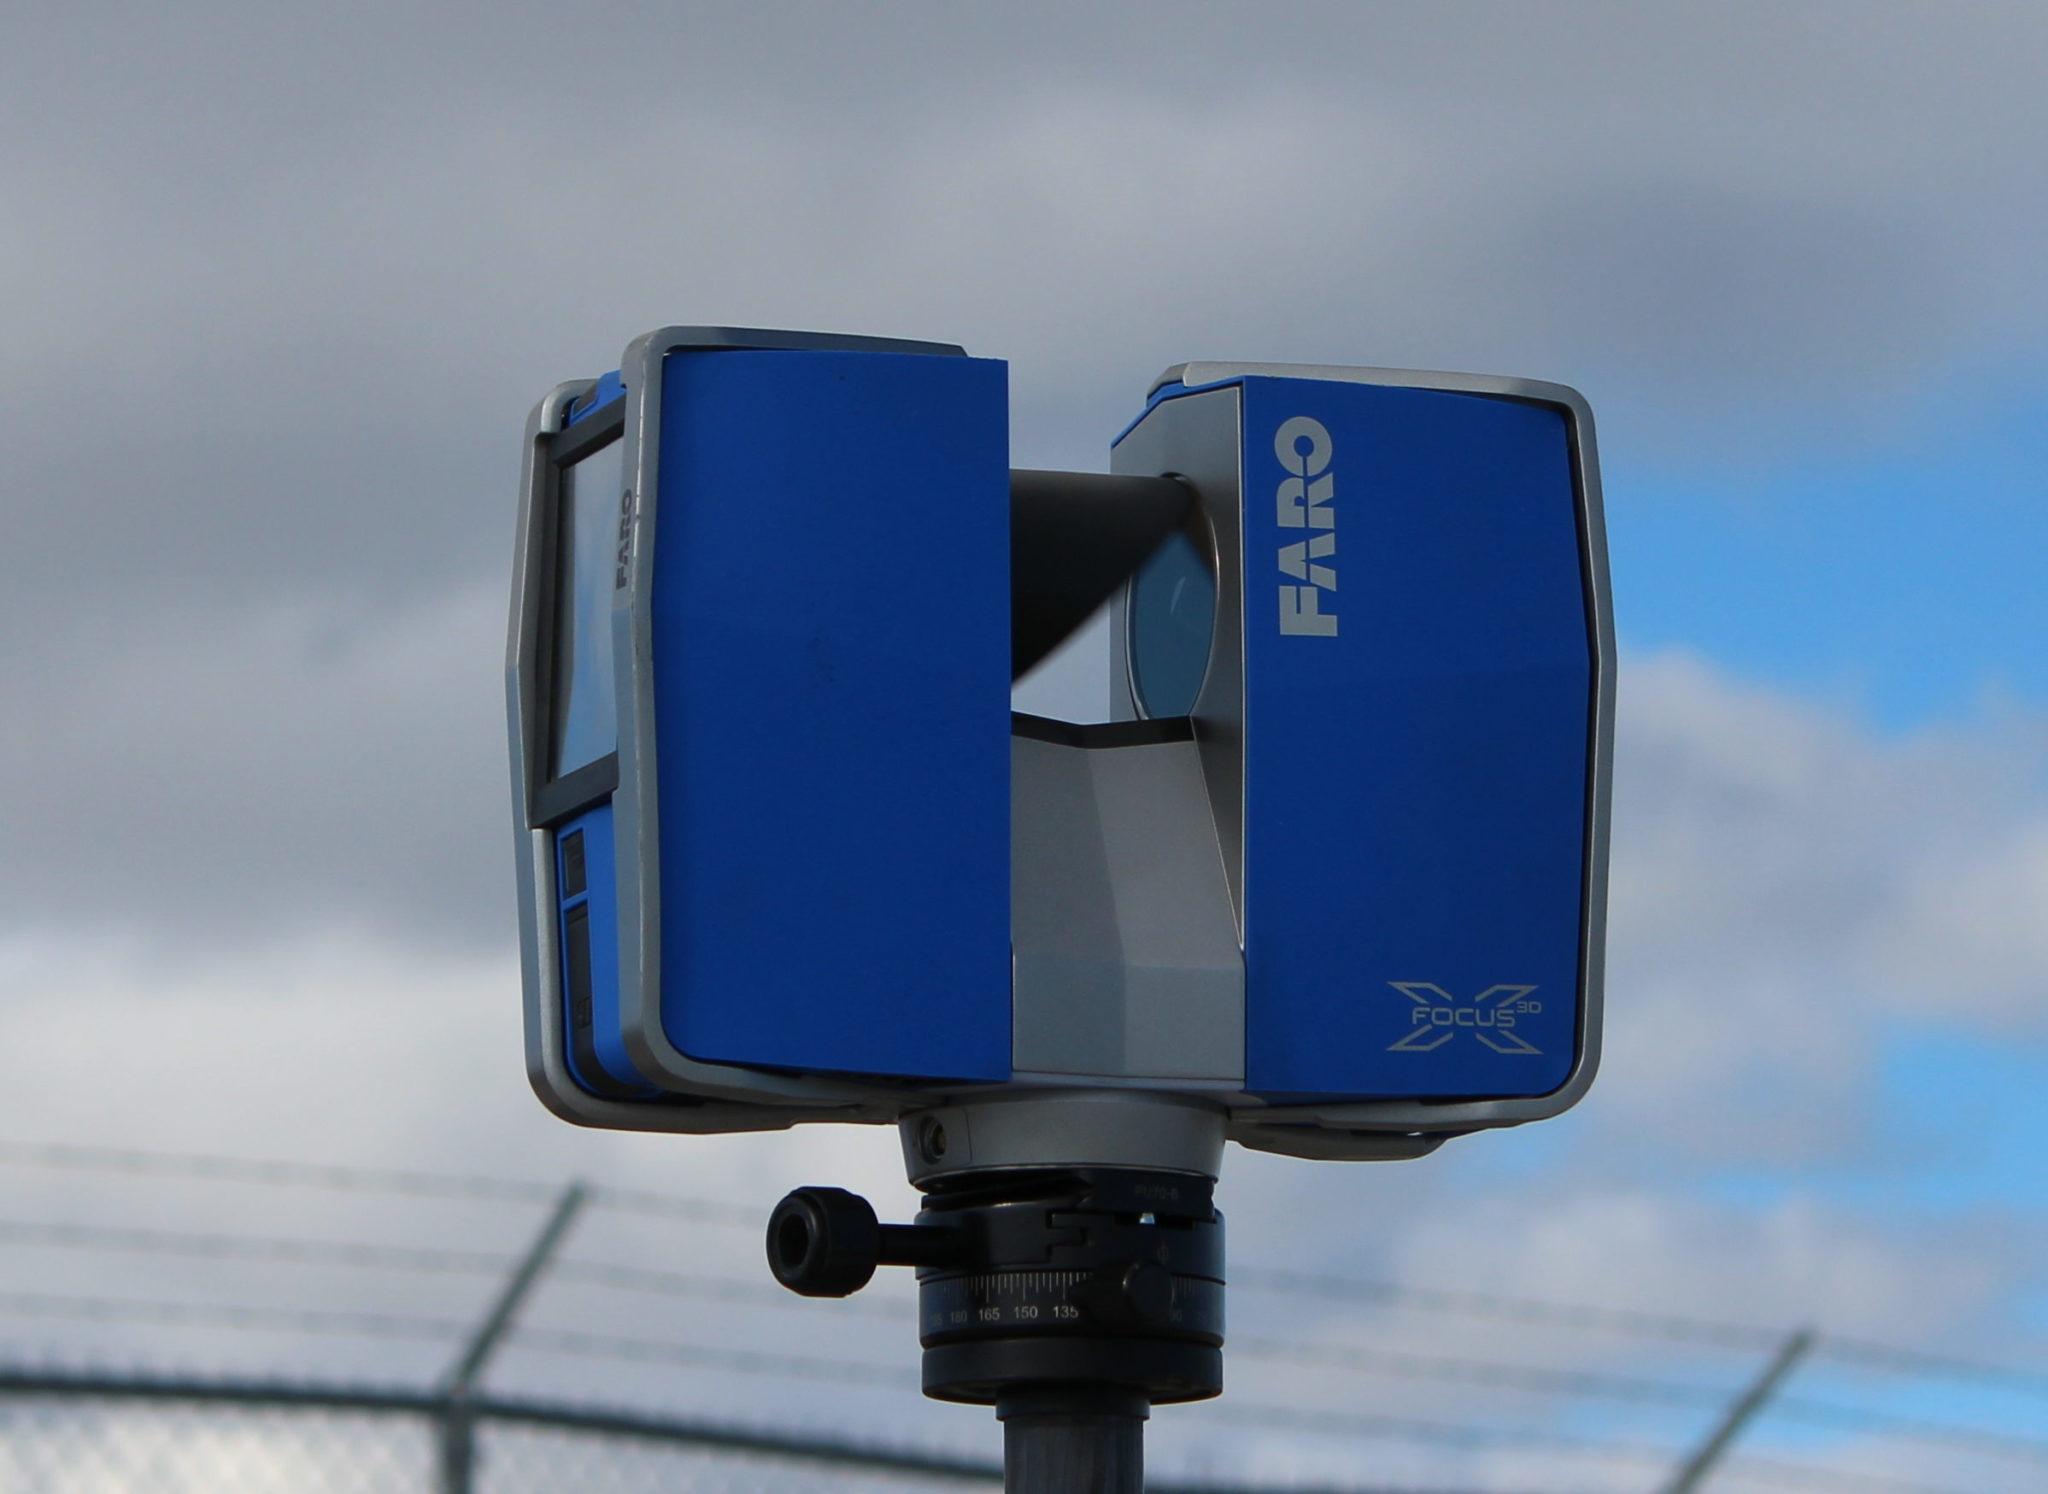 FARO scanner